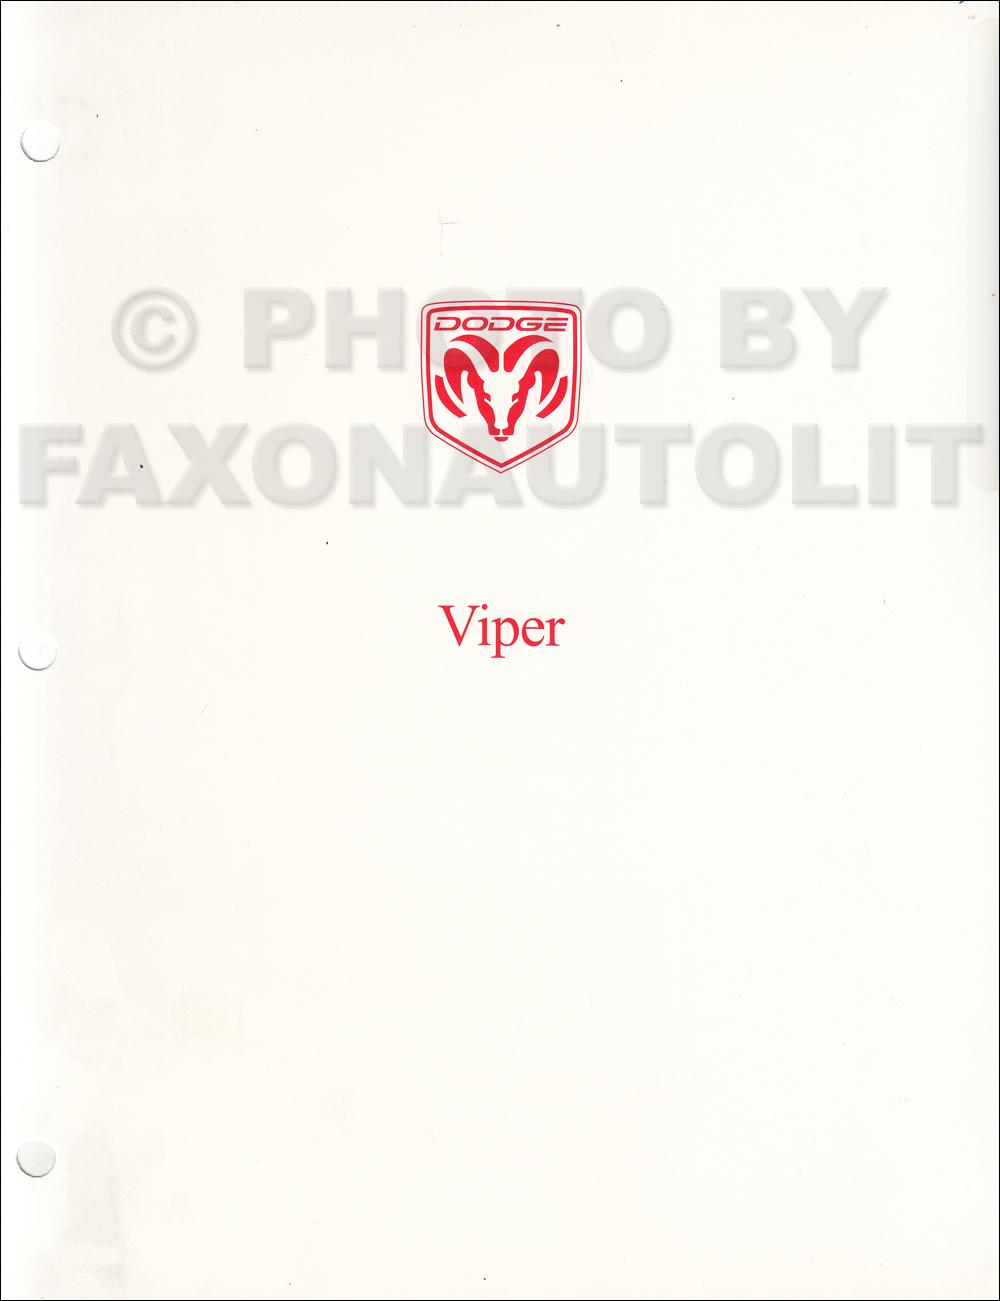 2000 Dodge Viper Coupe and Roadster Repair Shop Manual Original